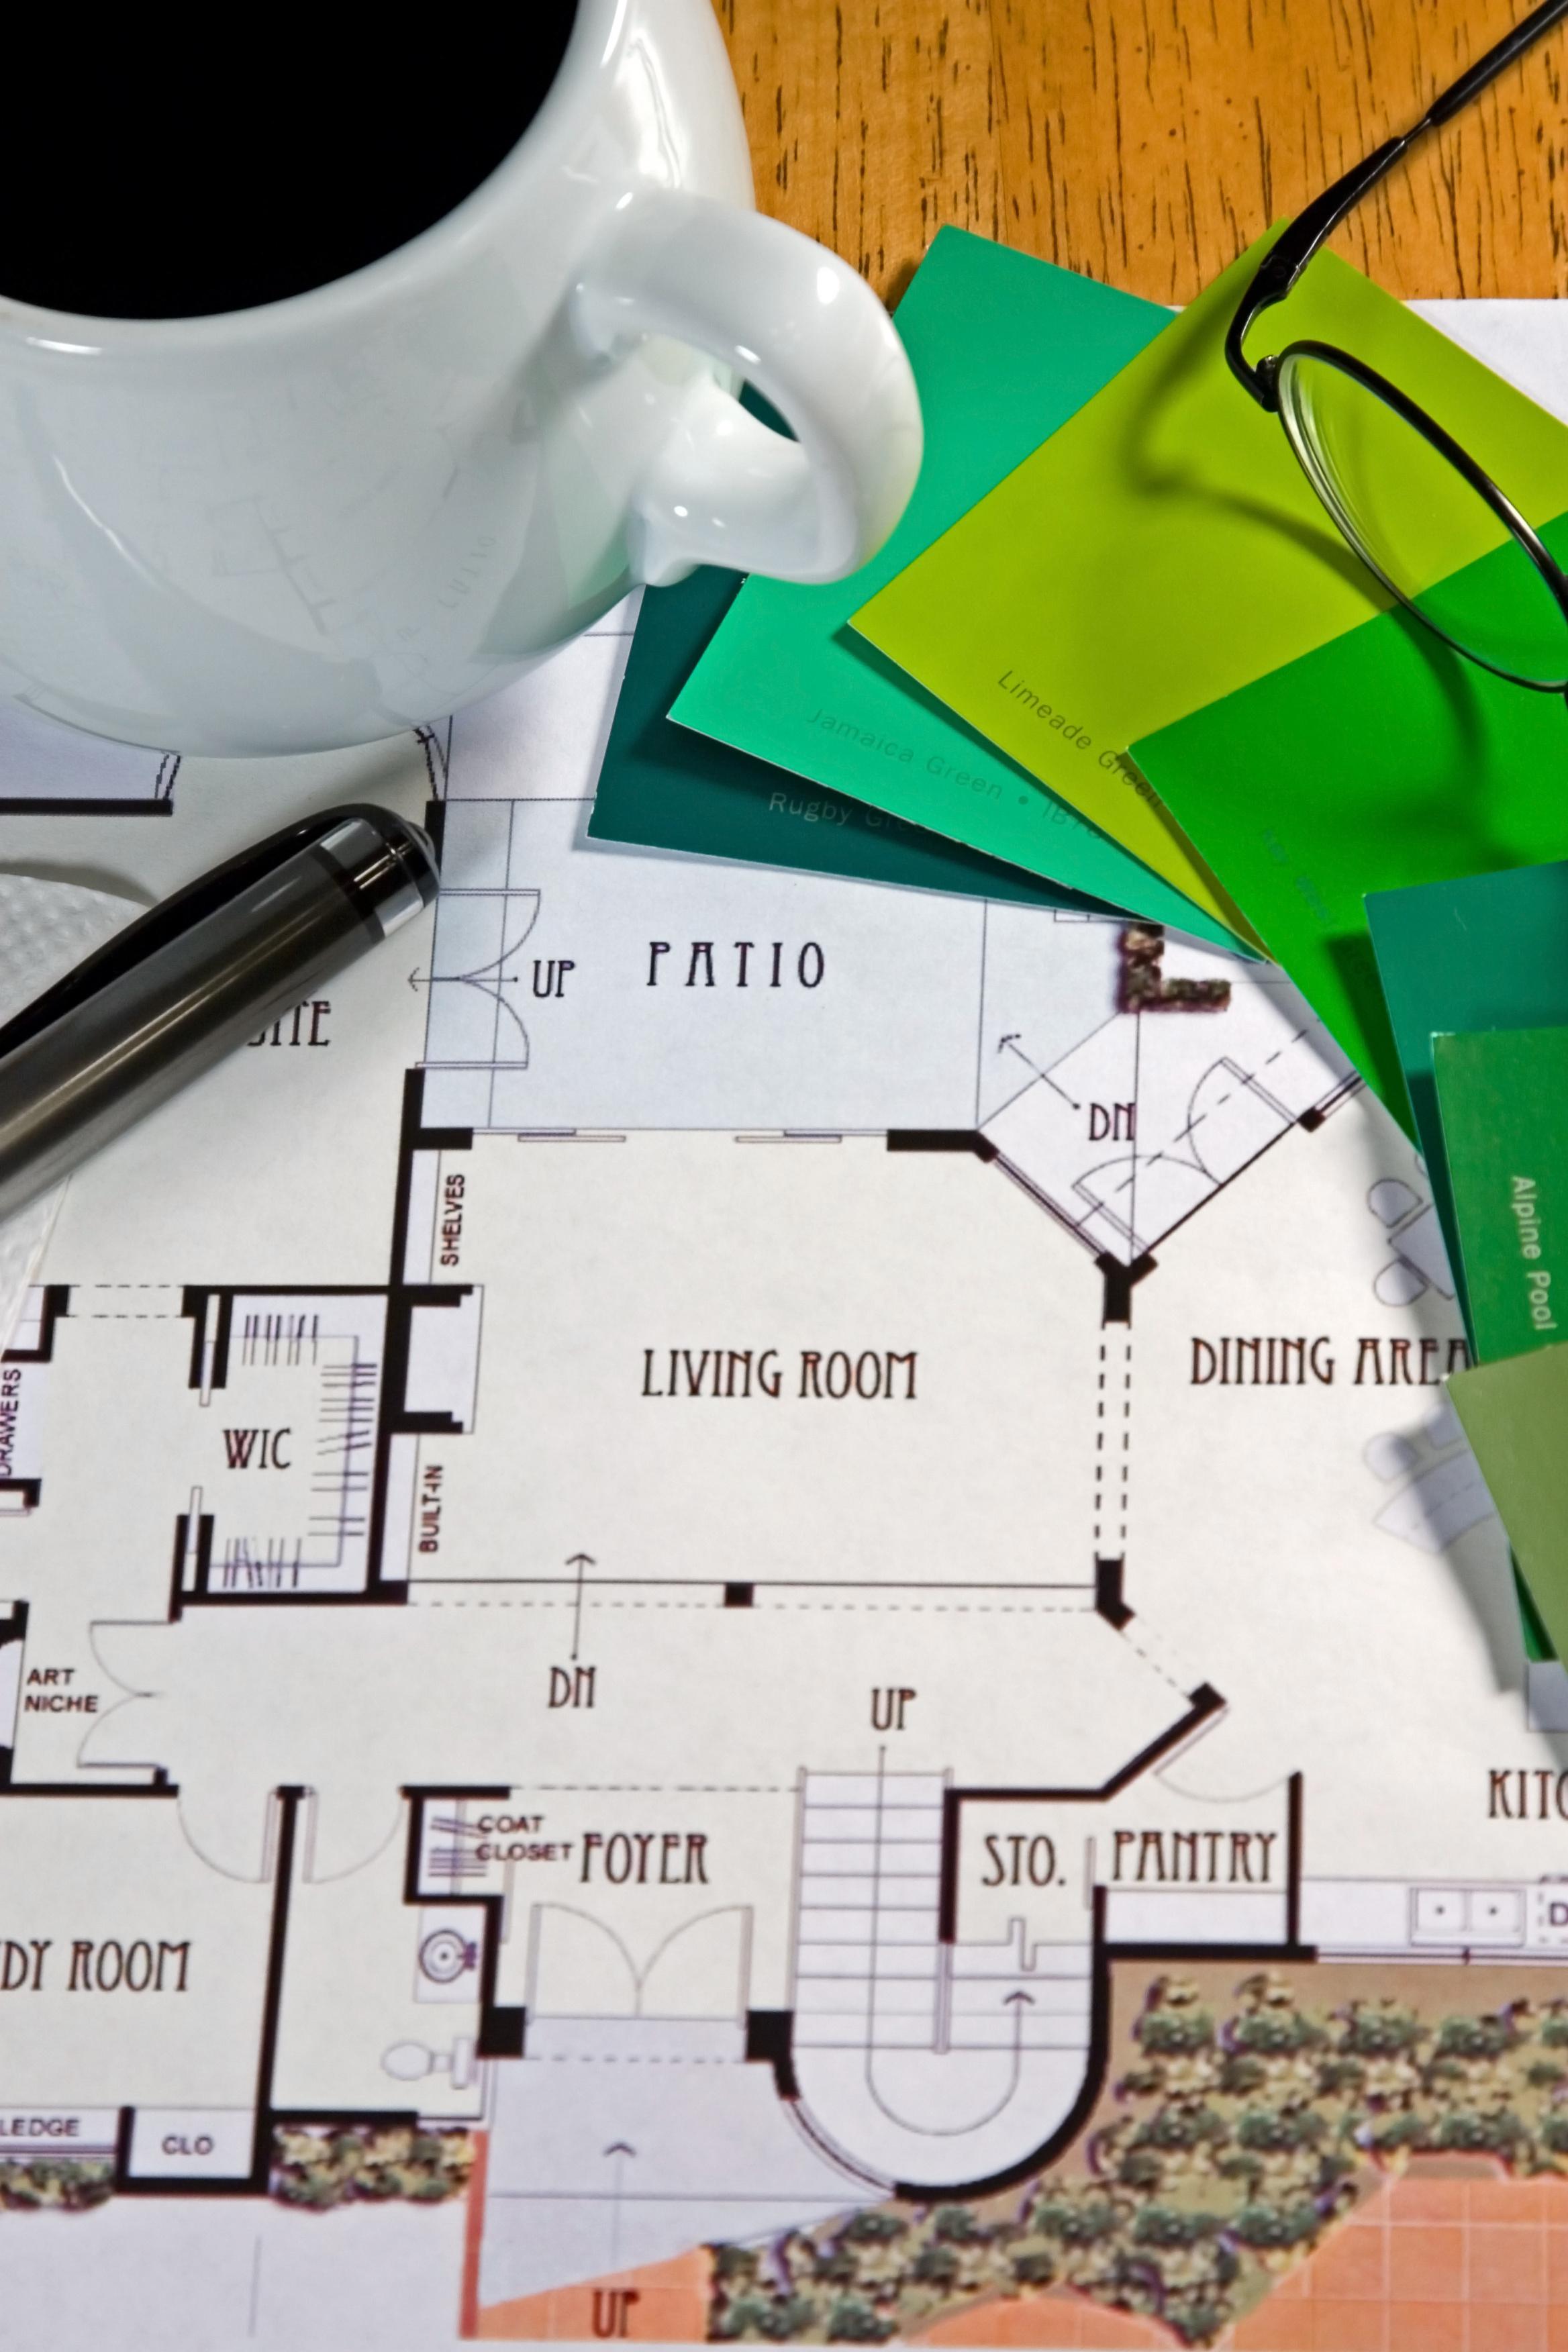 Architetti d'interni: assicurazione professionale - ComparaMeglio